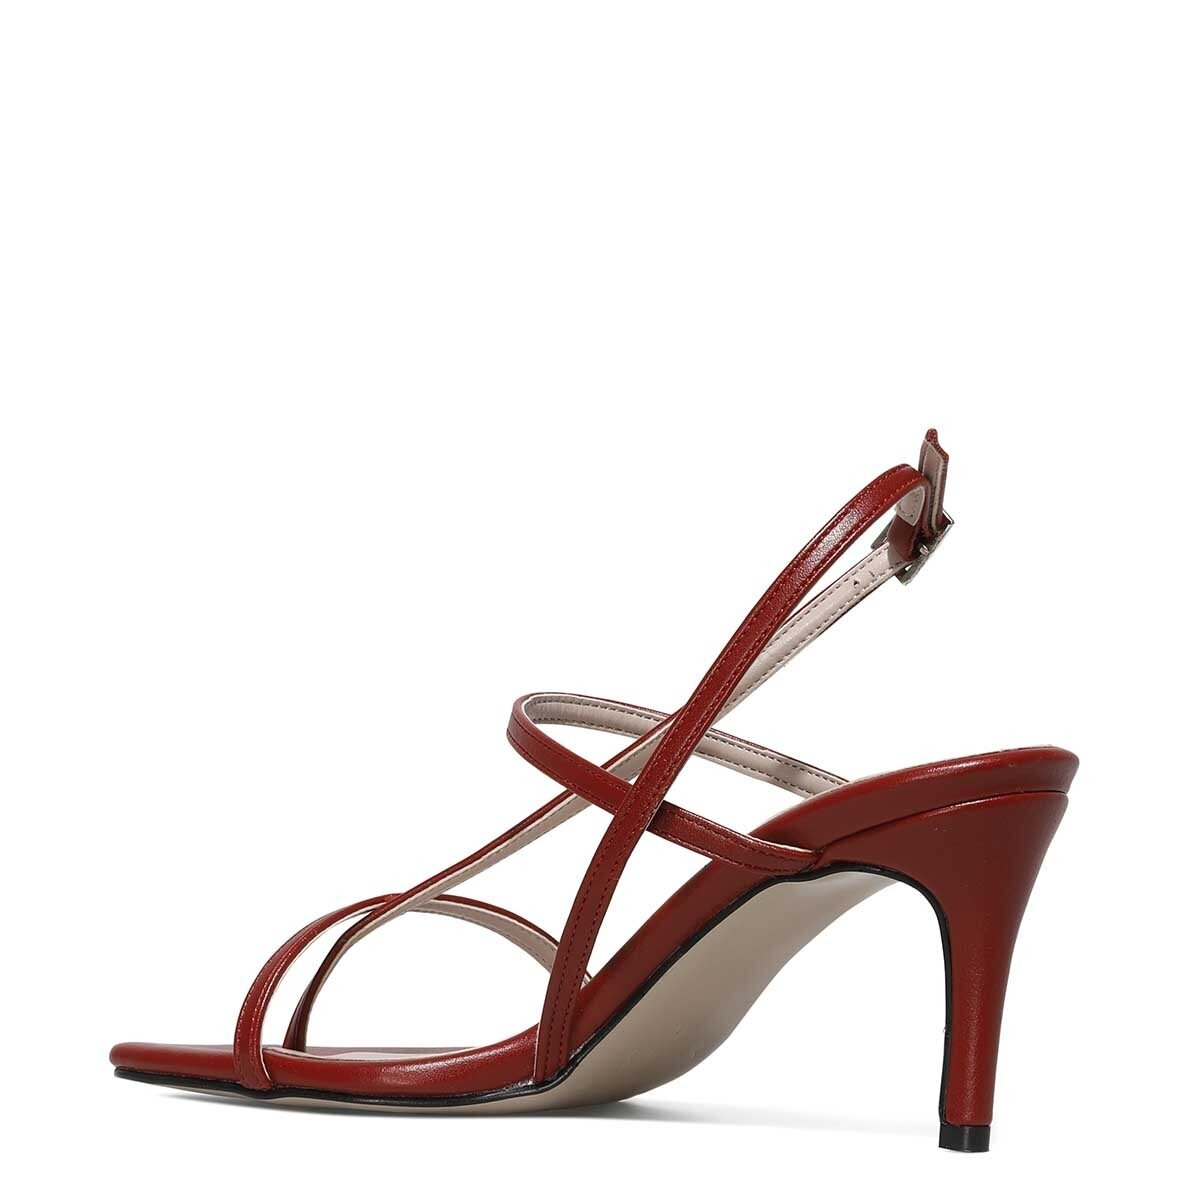 HEA 1FX Kırmızı Kadın Topuklu Sandalet